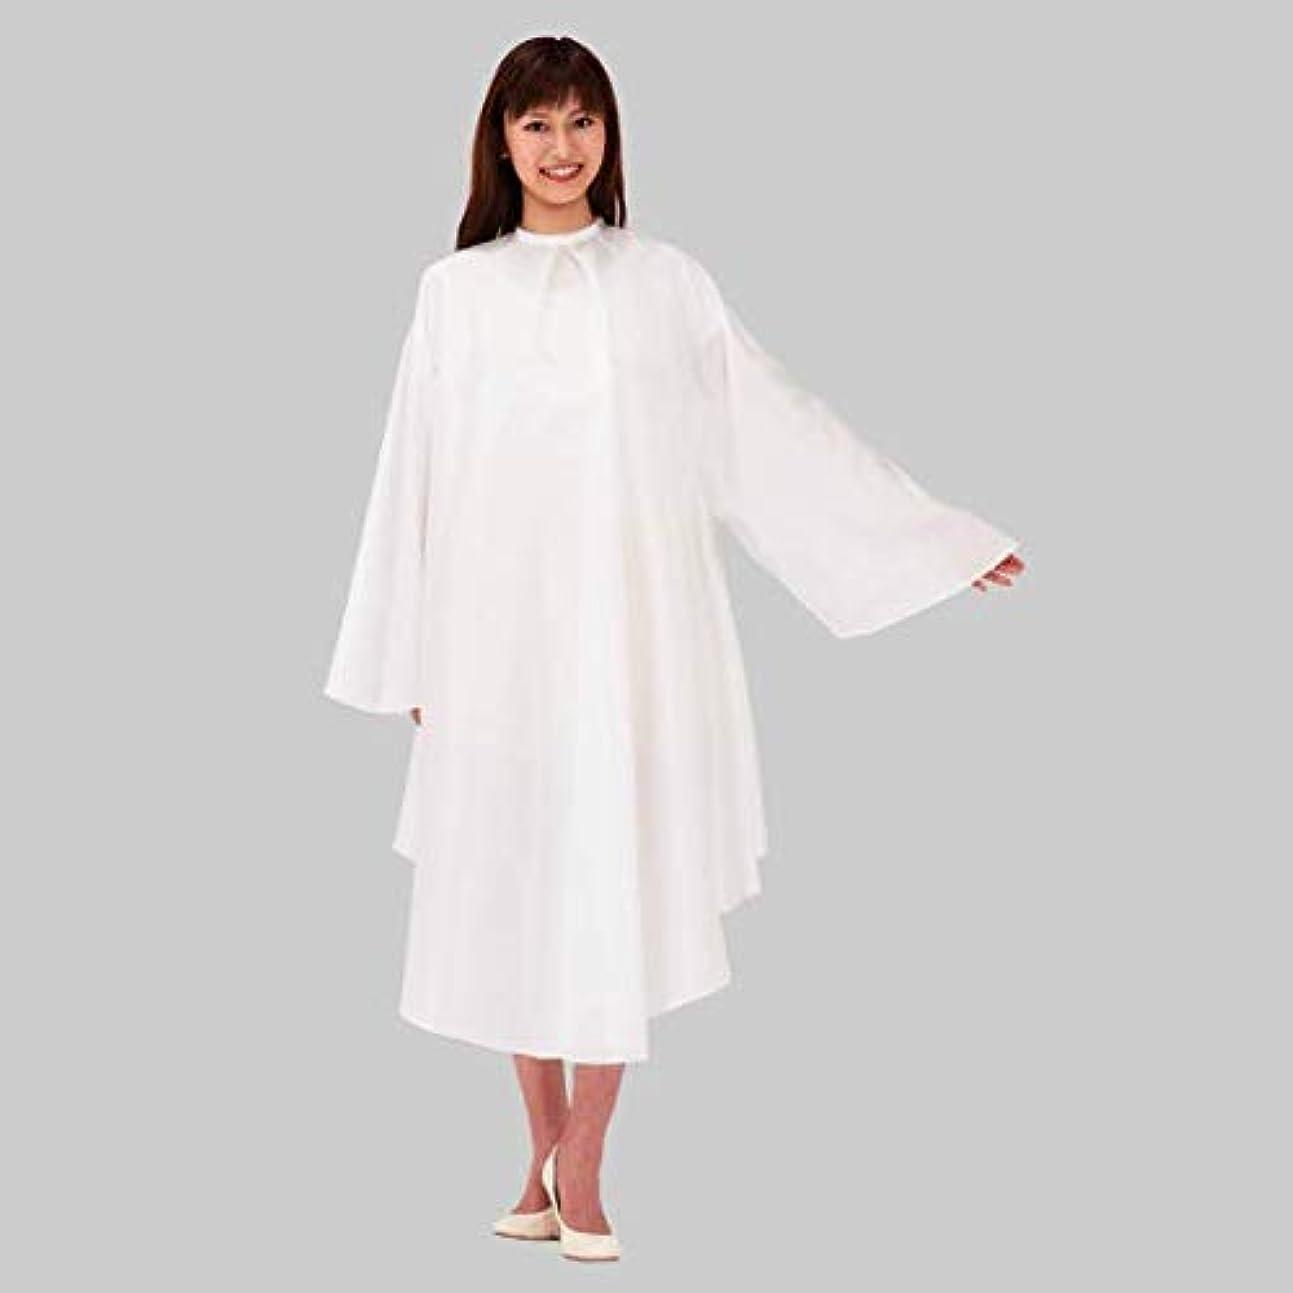 世界狂信者誤カトレア 2210 ホワイト ソフティ袖付刈布